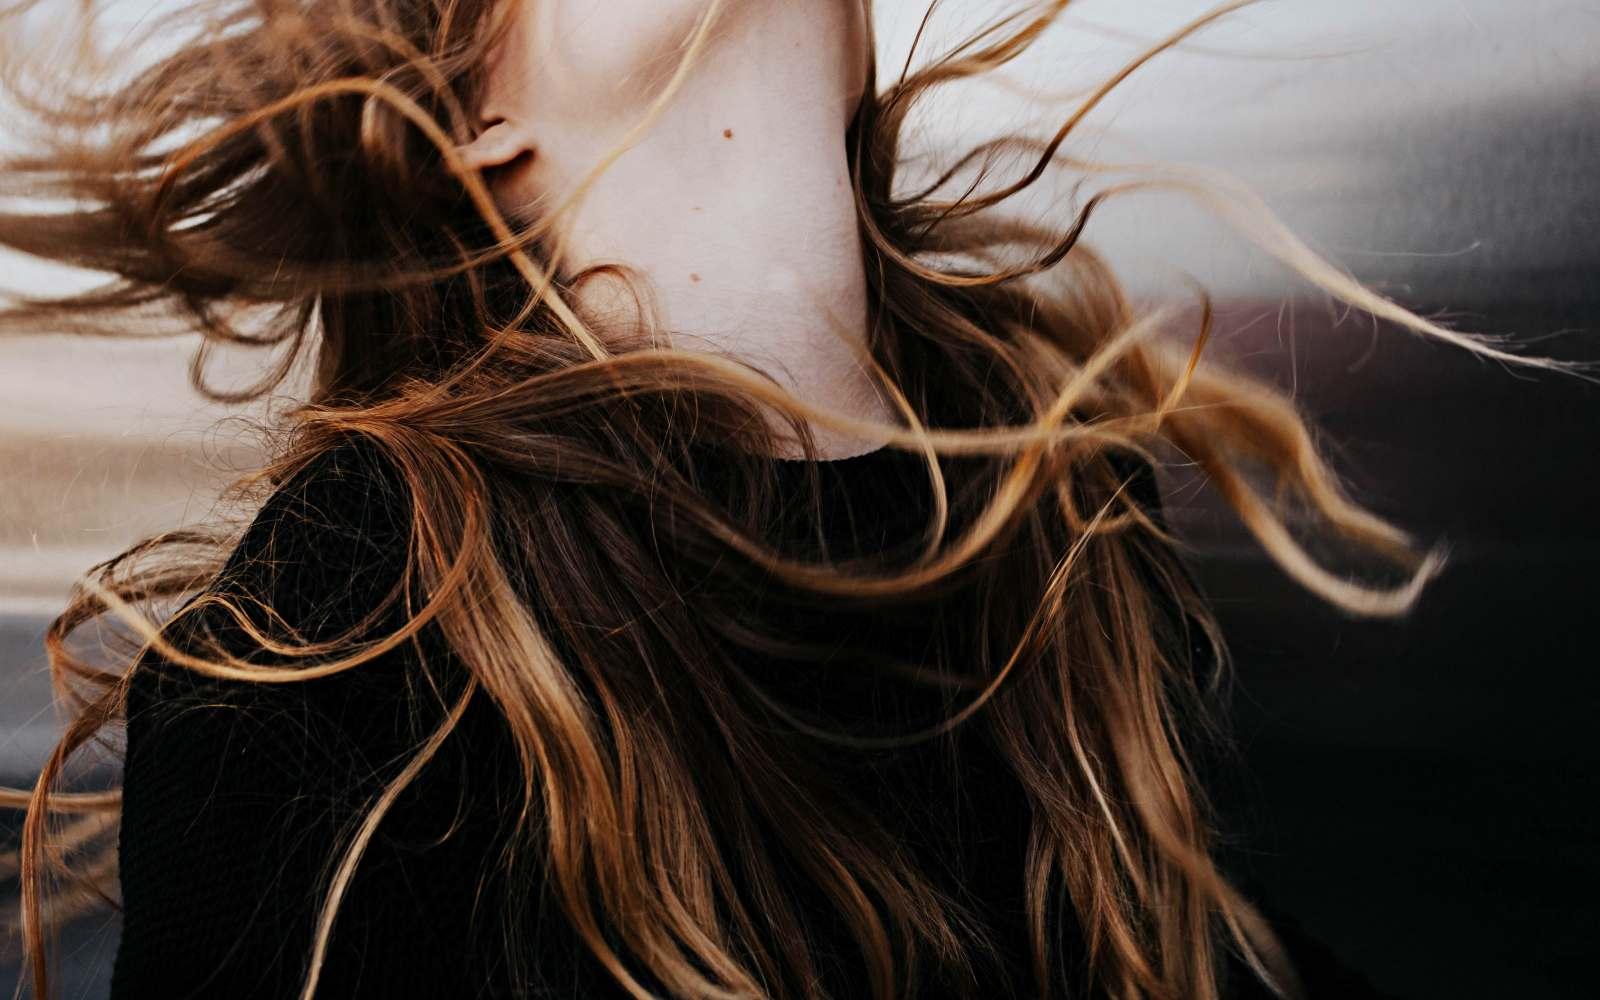 ragazza con capelli castani caldi stagione autunno armocromia